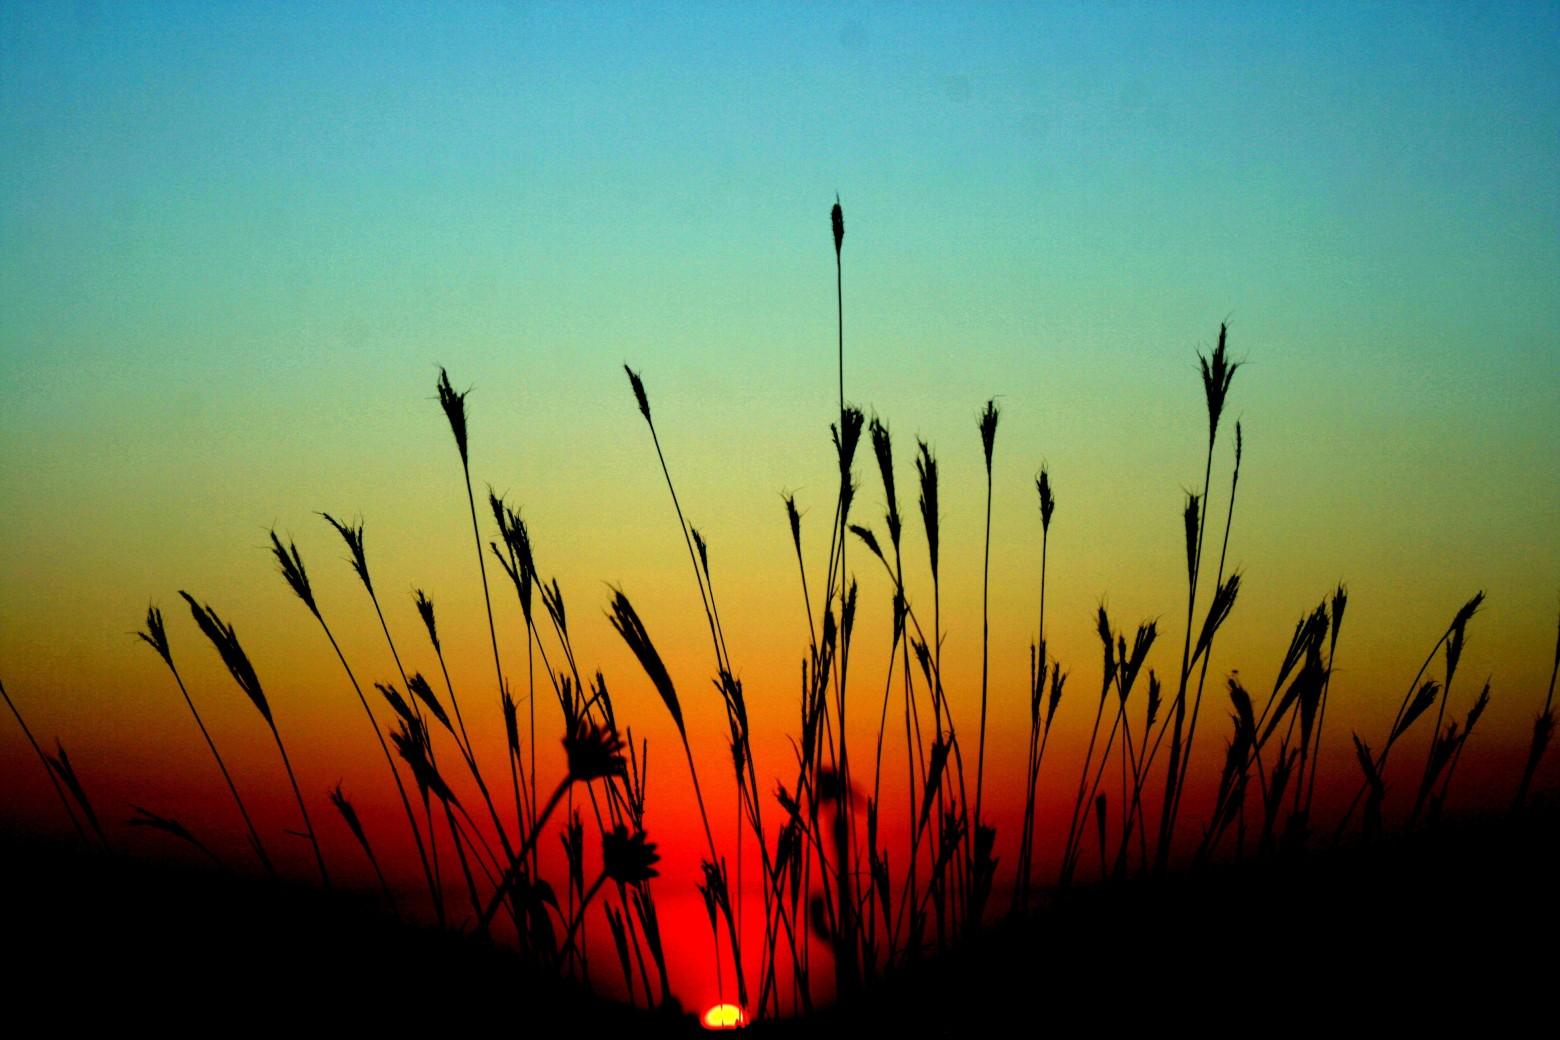 Sunset Paysage Coucher De Soleil Fond D Ecran Image Hd